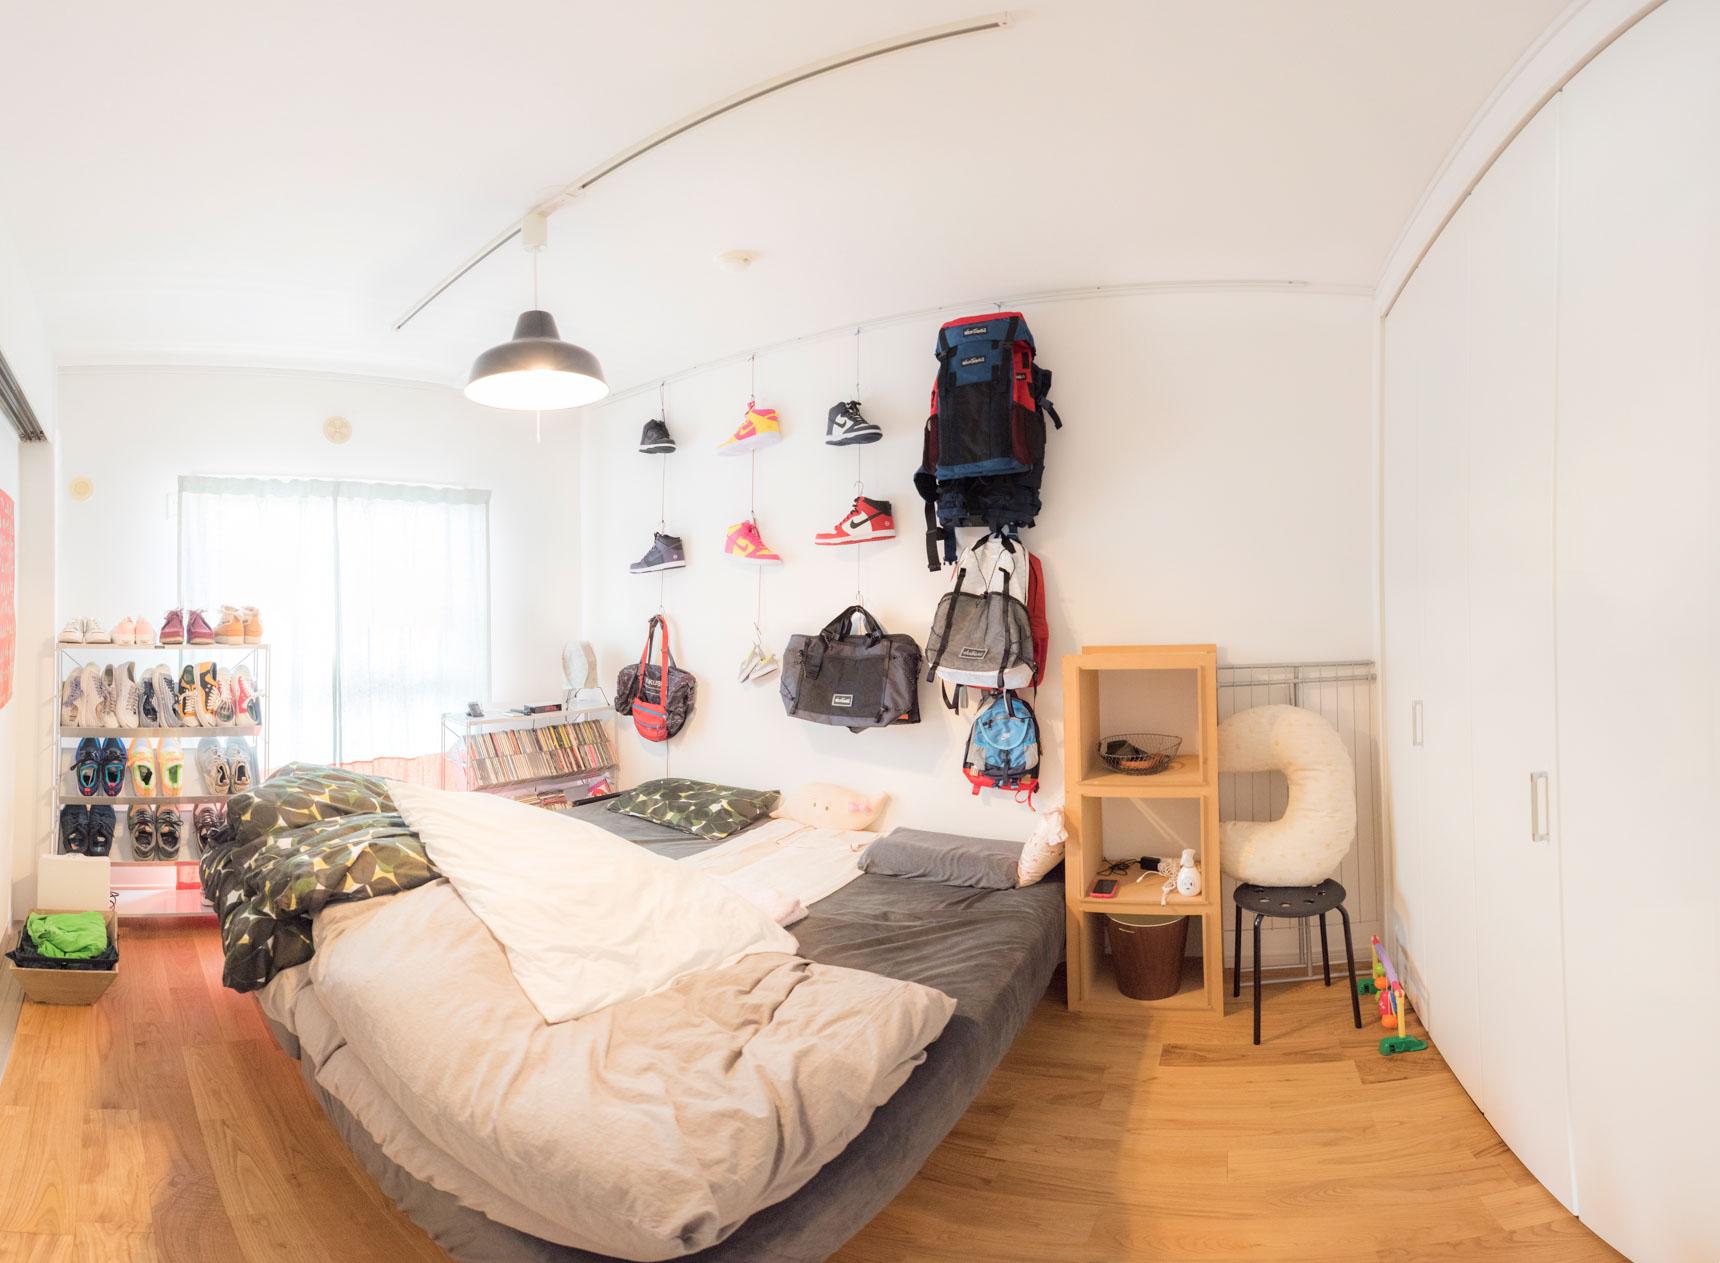 寝室もちょうすてきだった。この壁にディスプレイされたスニーカーにおどろいた。